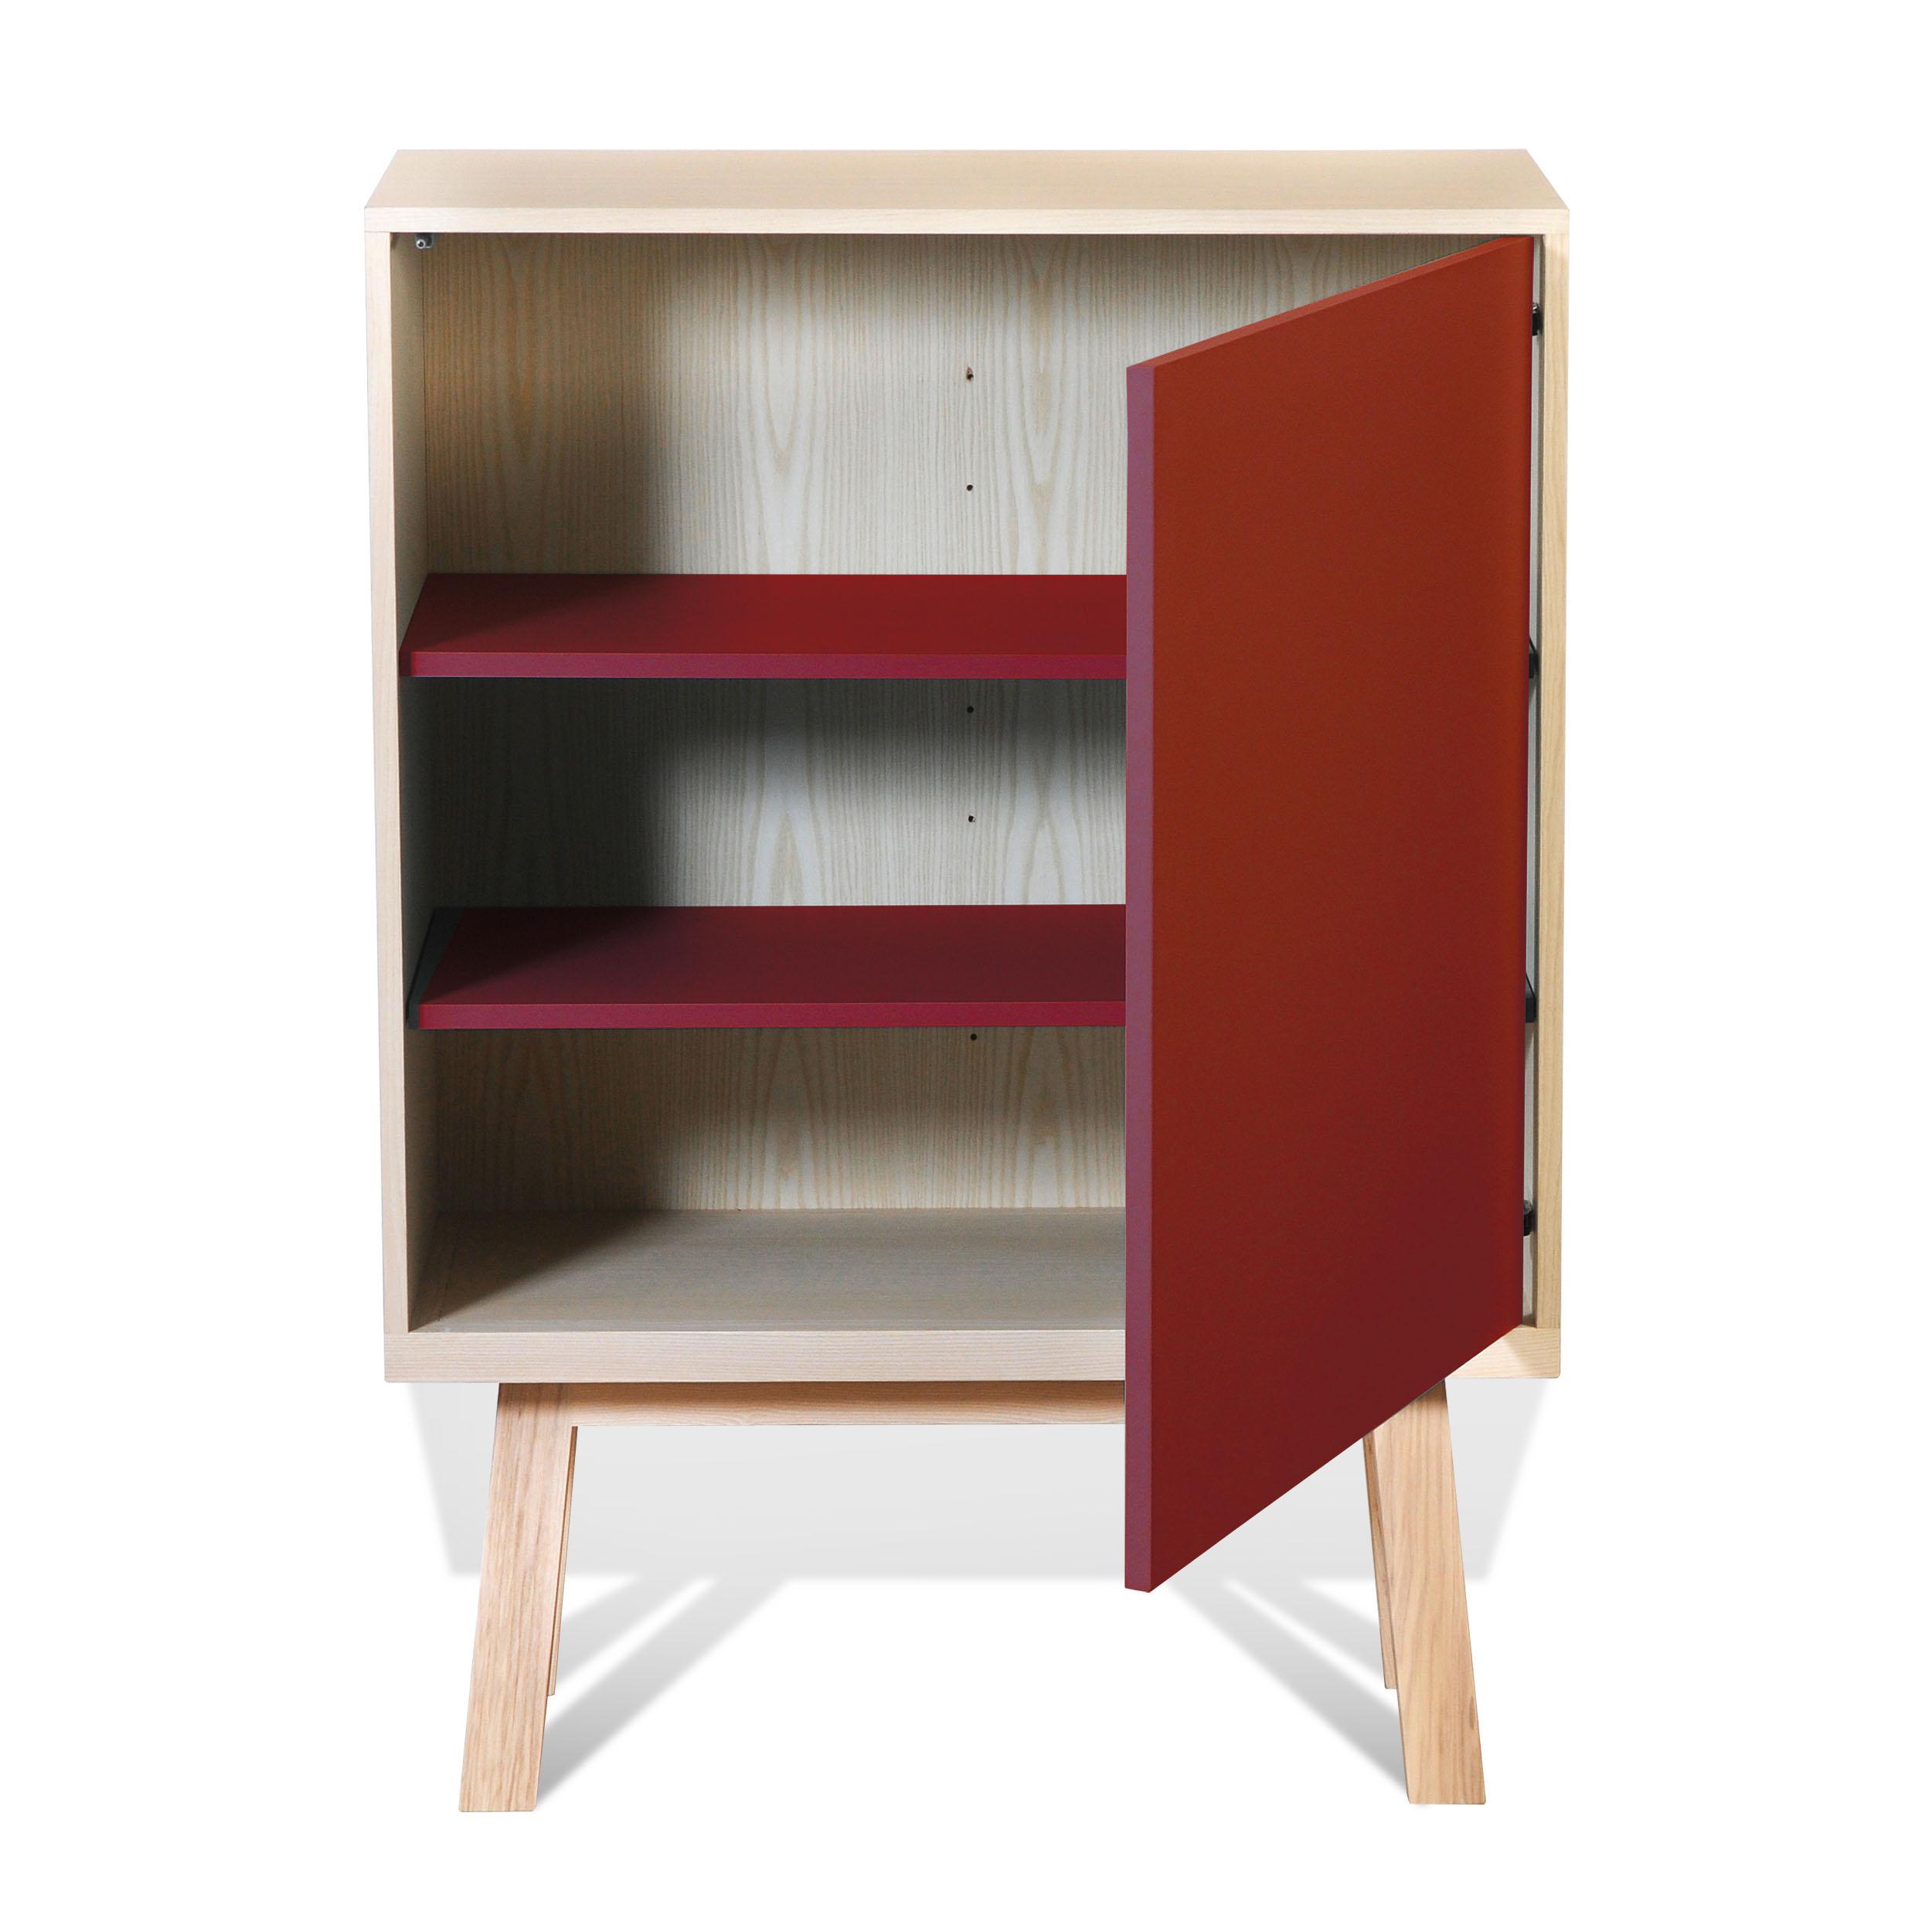 Armoire 1 porte en bois rouge de pluduno (photo)